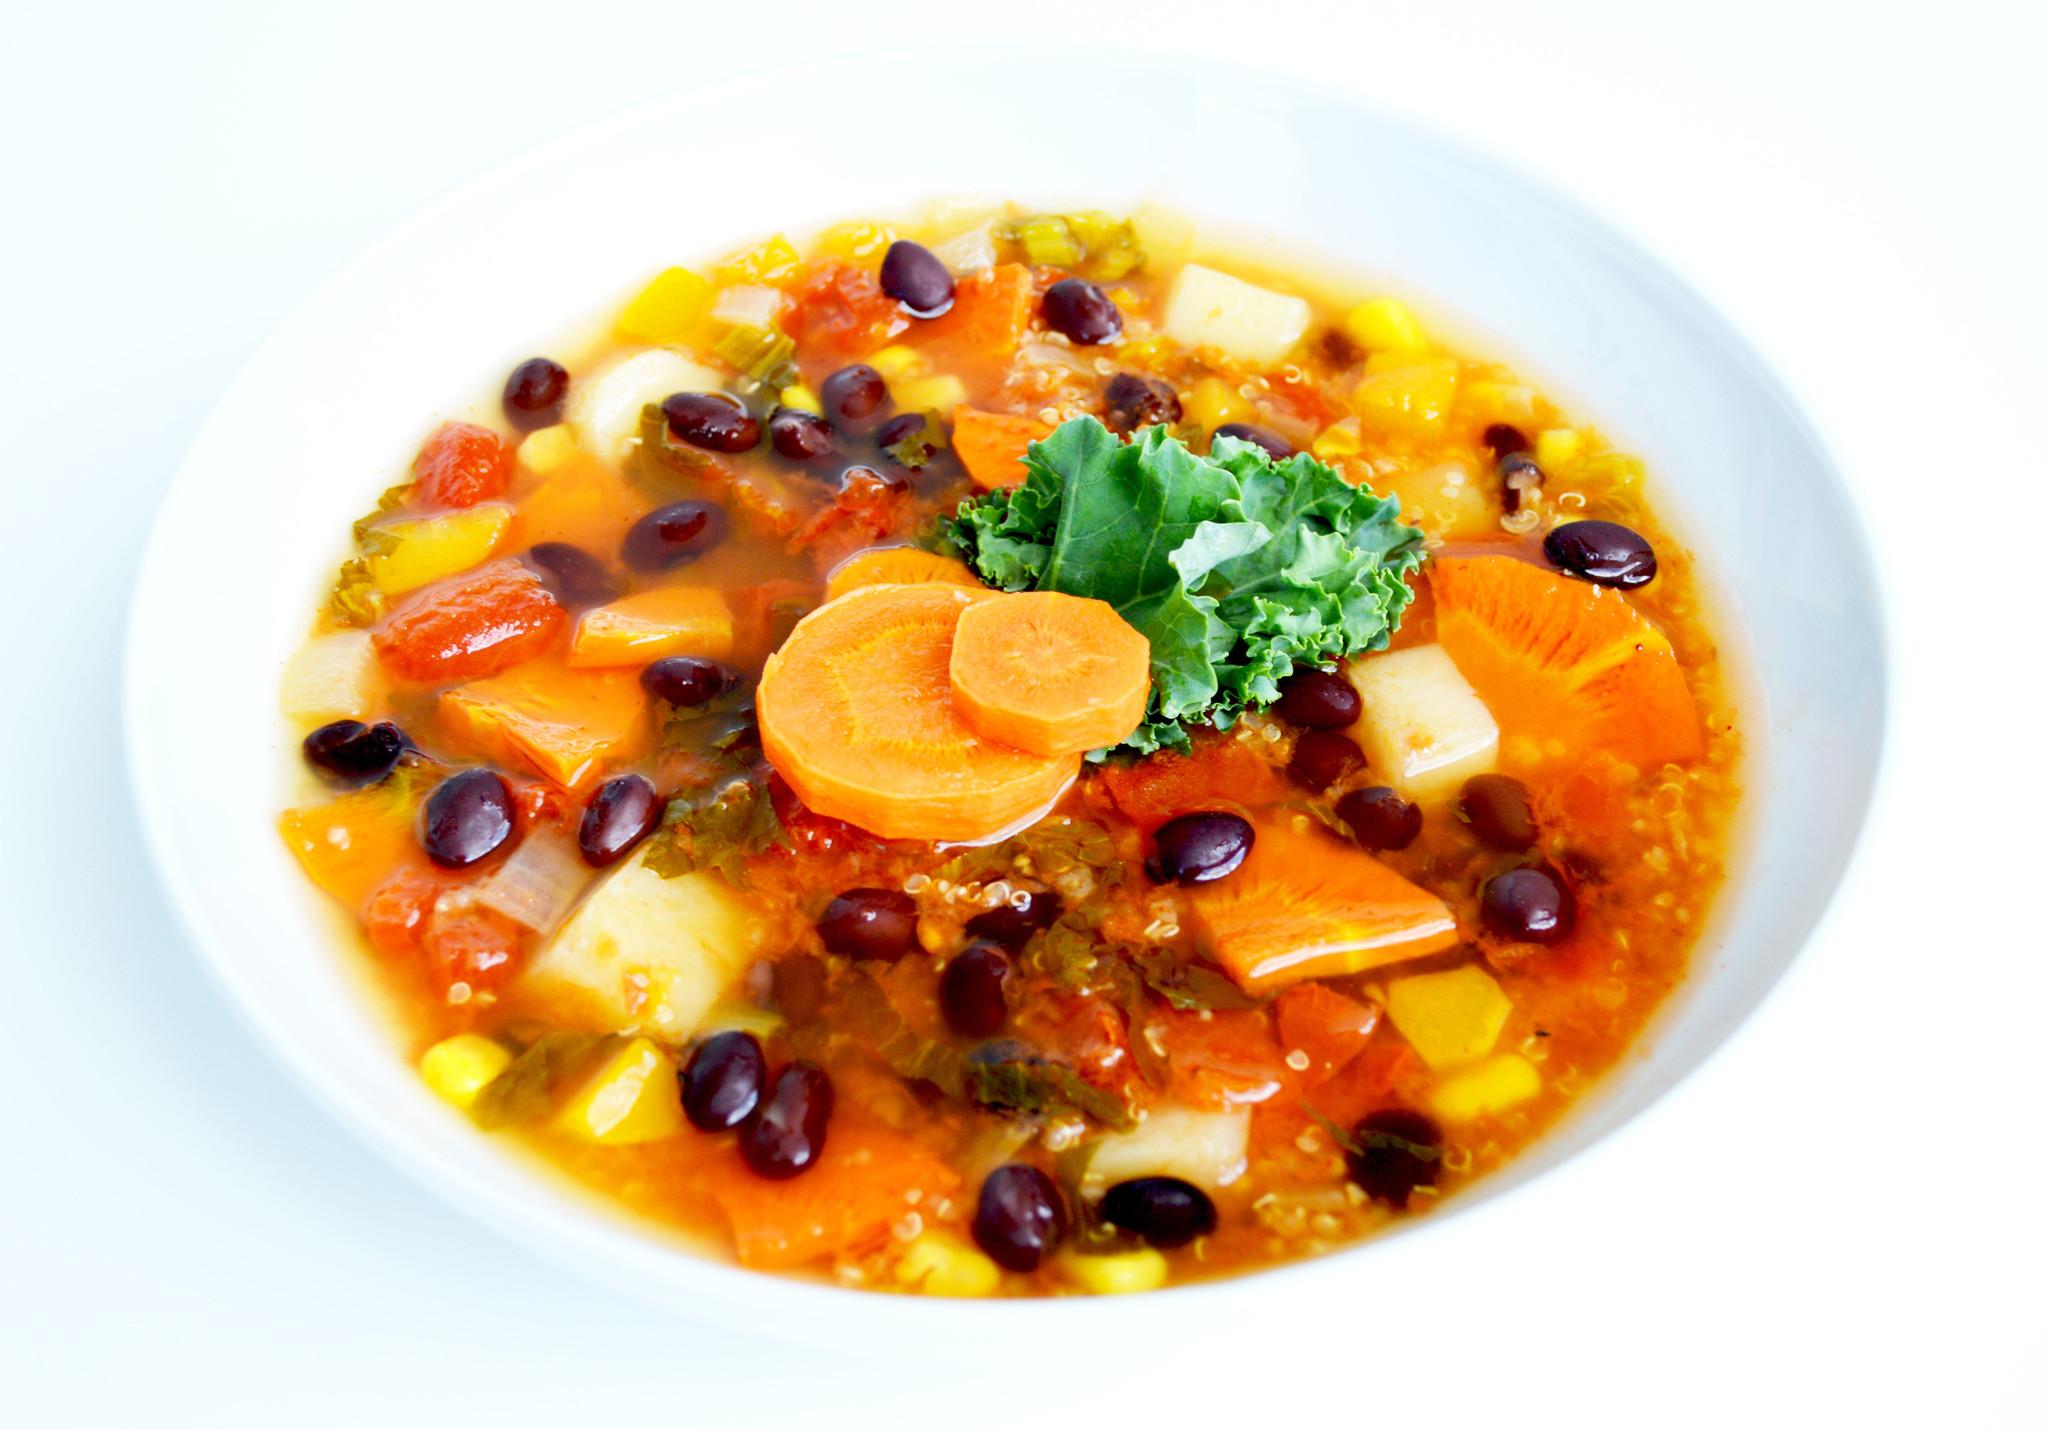 Soupe-repas mexicaine végétalienne (325g)